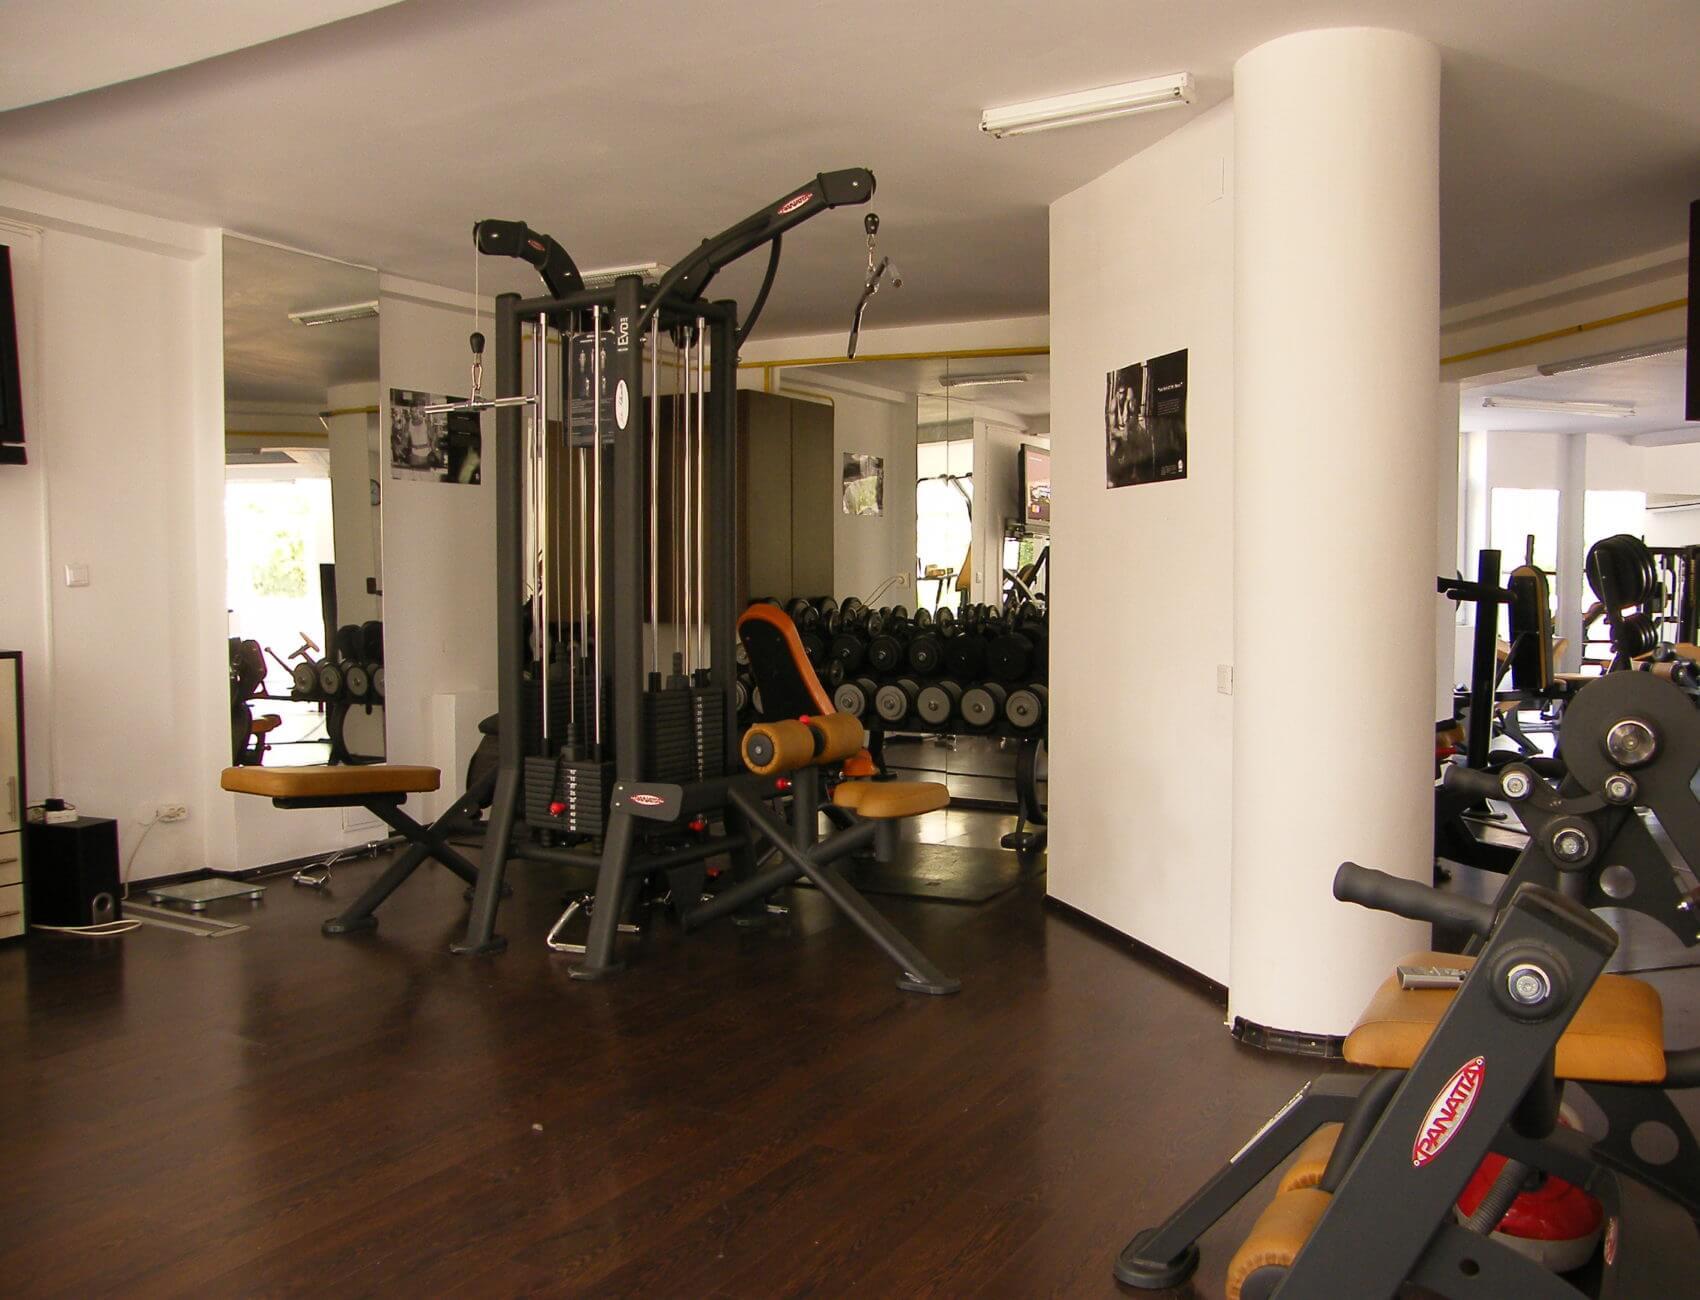 Galerie echipamente fitness 2009 - 7